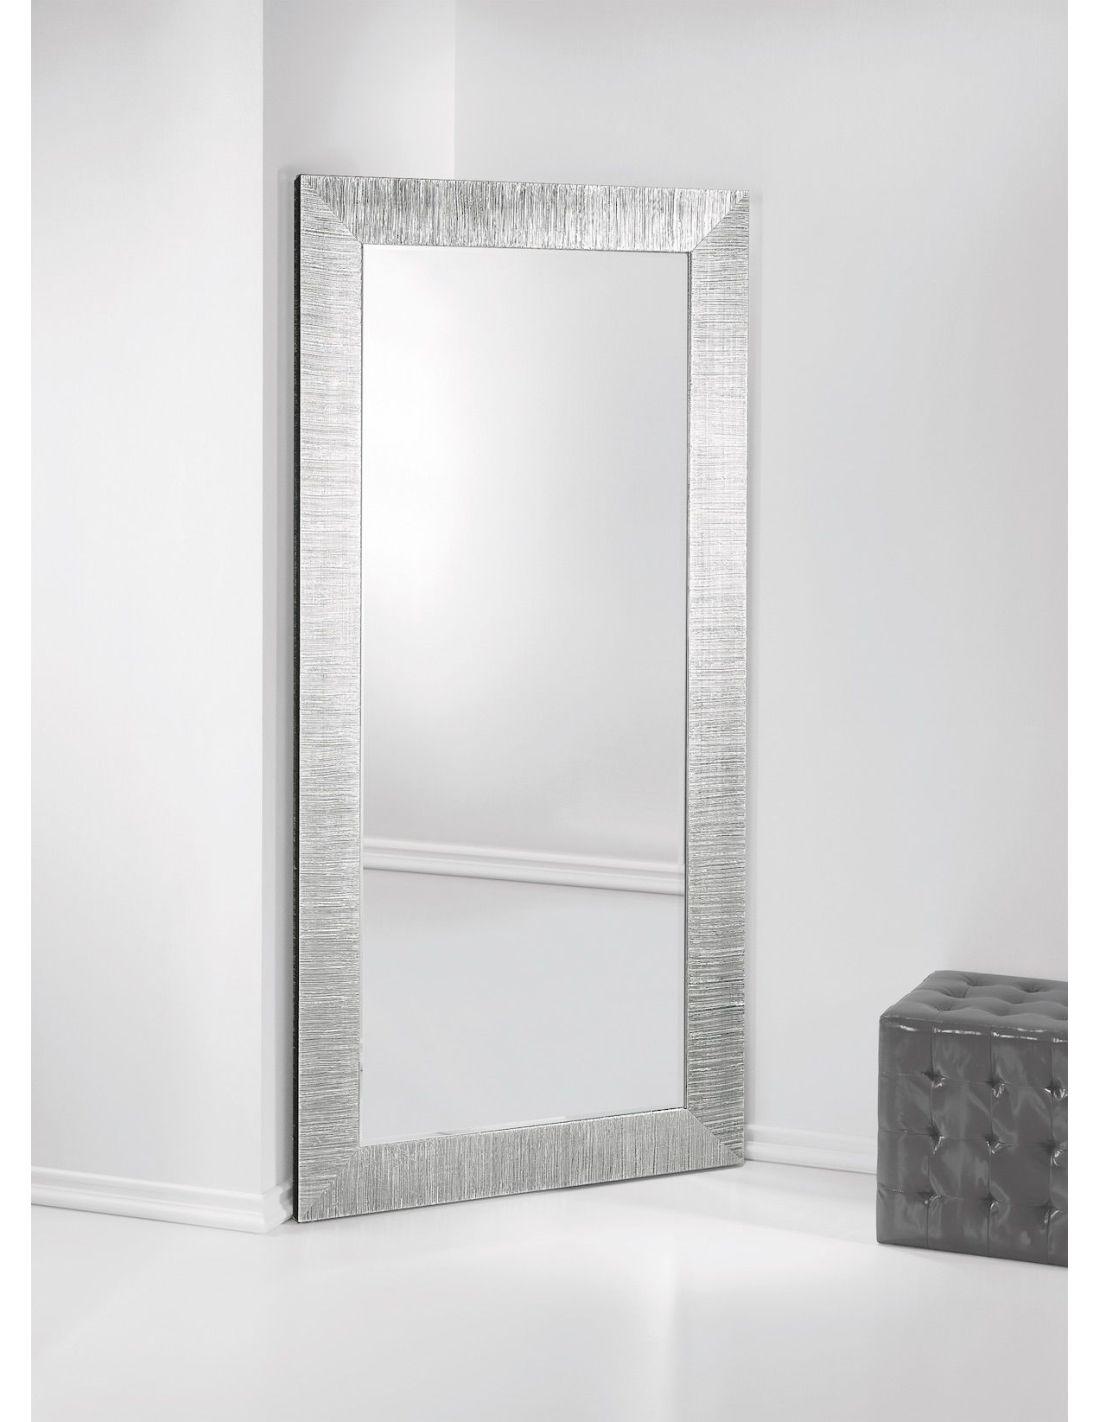 Specchio angolare Angolo Diva cornice in legno foglia Argento cm.97x192h